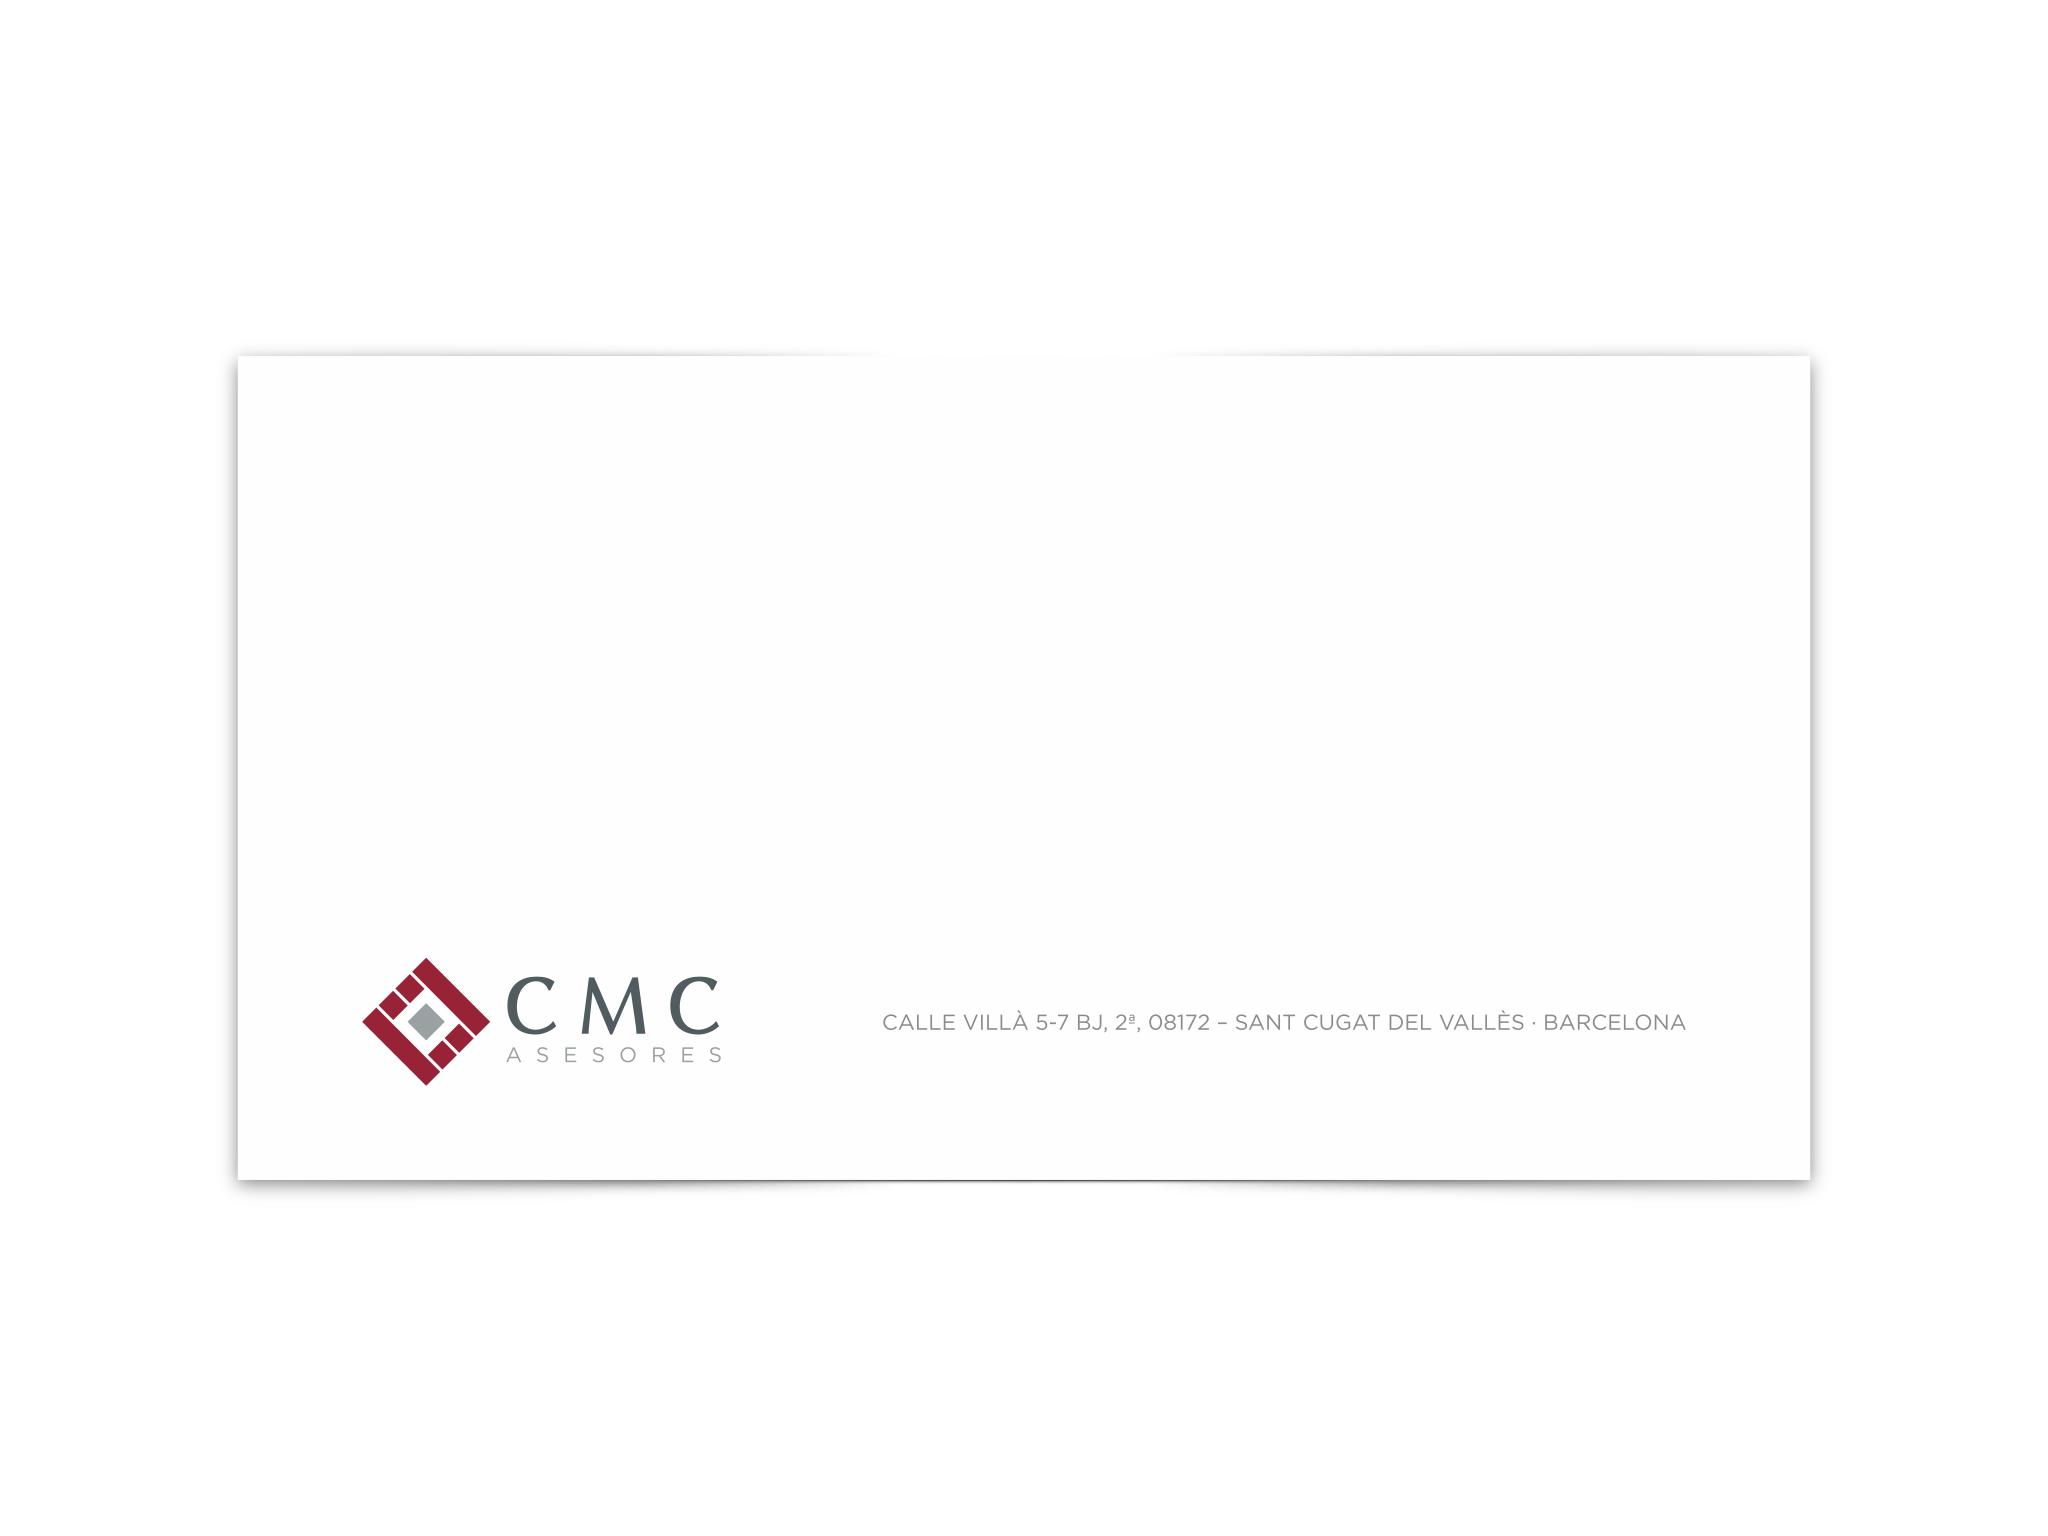 CMC sobre americano